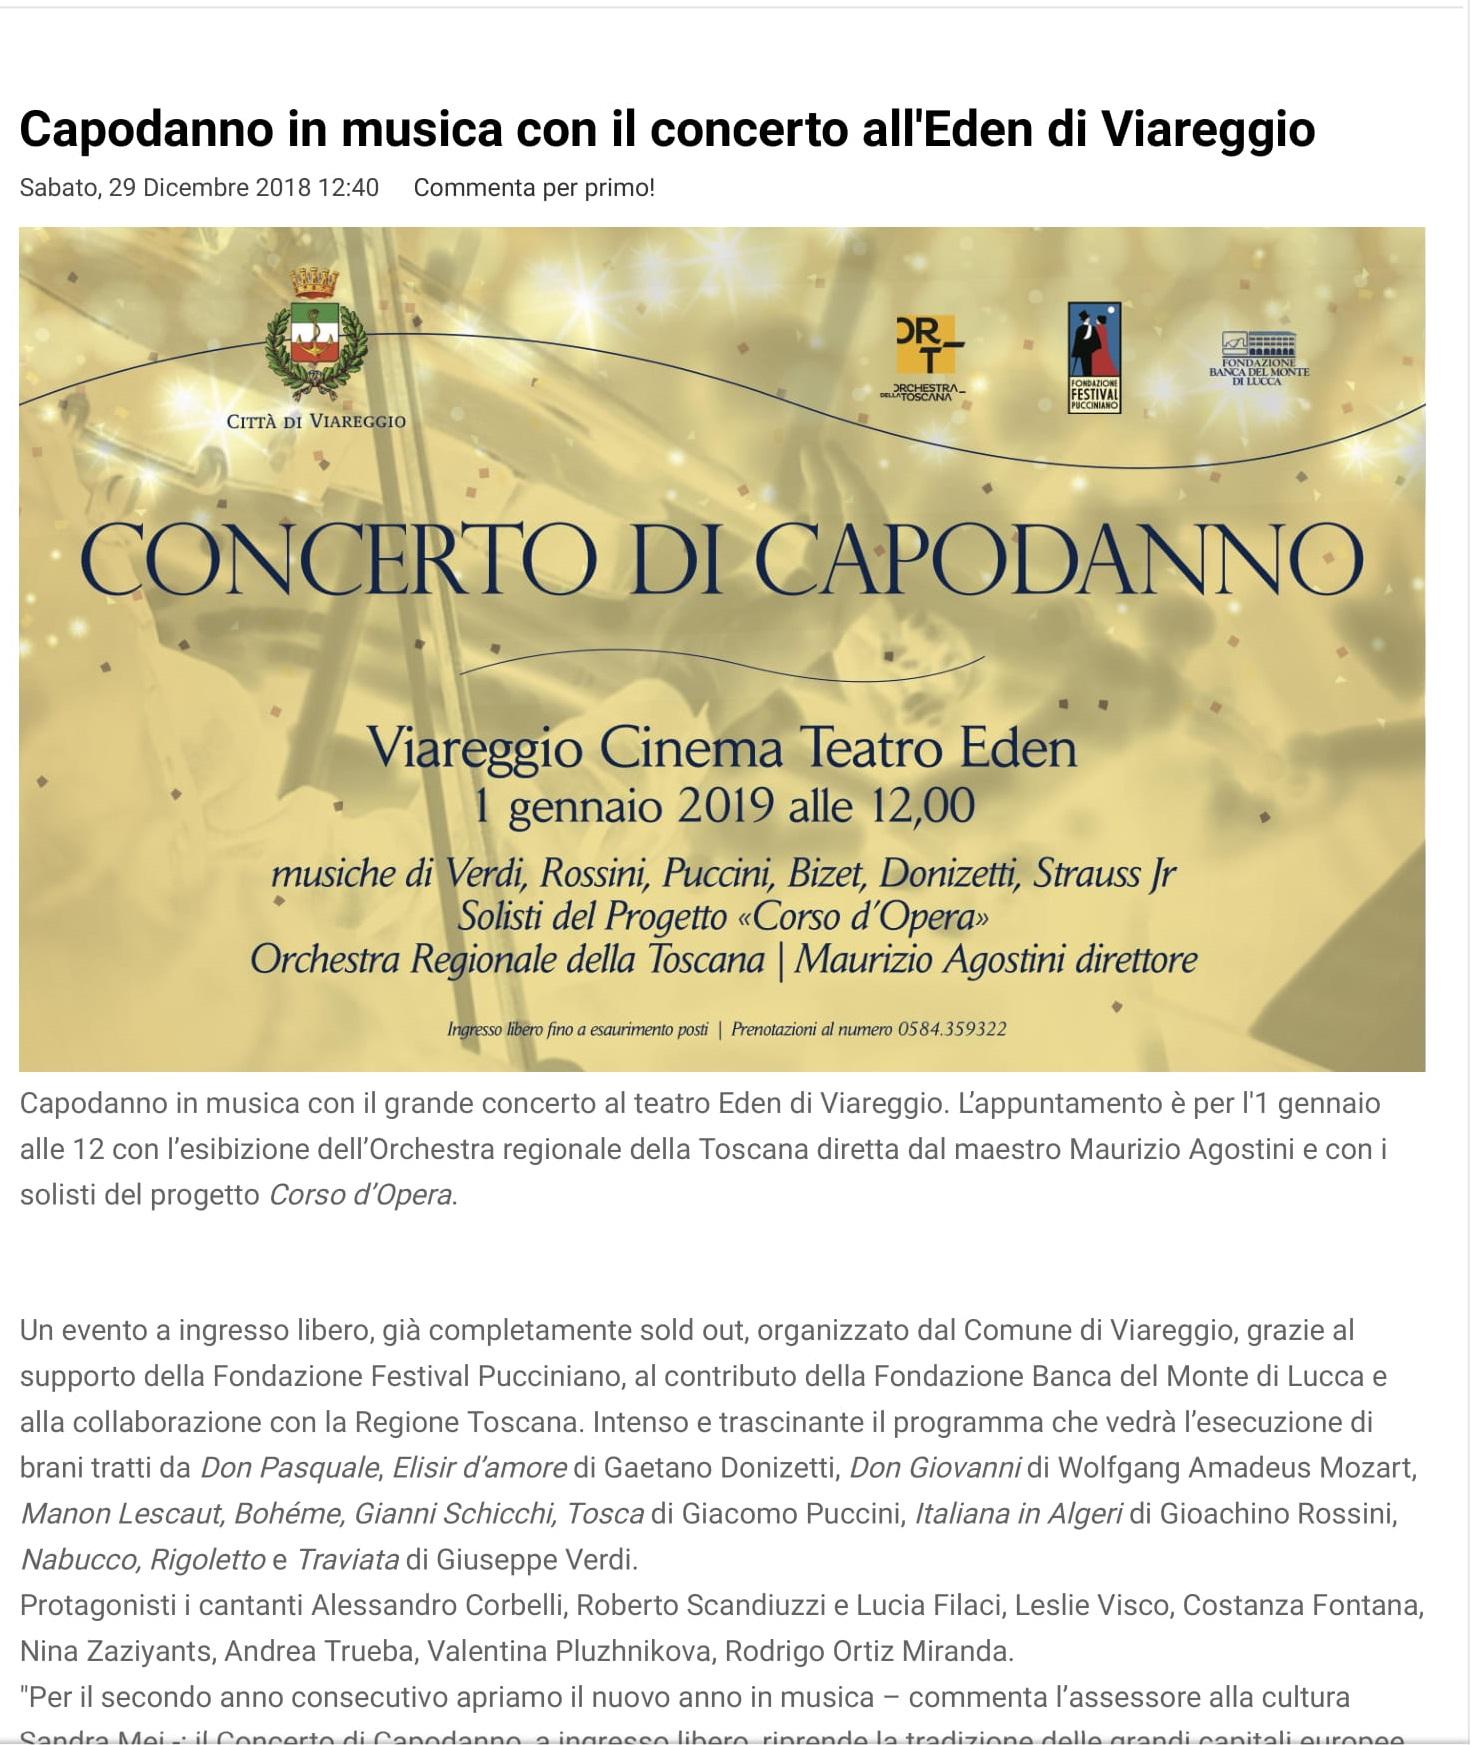 Capodanno in musica con il concerto all'Eden di Viareggio - Lucca in Diretta-1